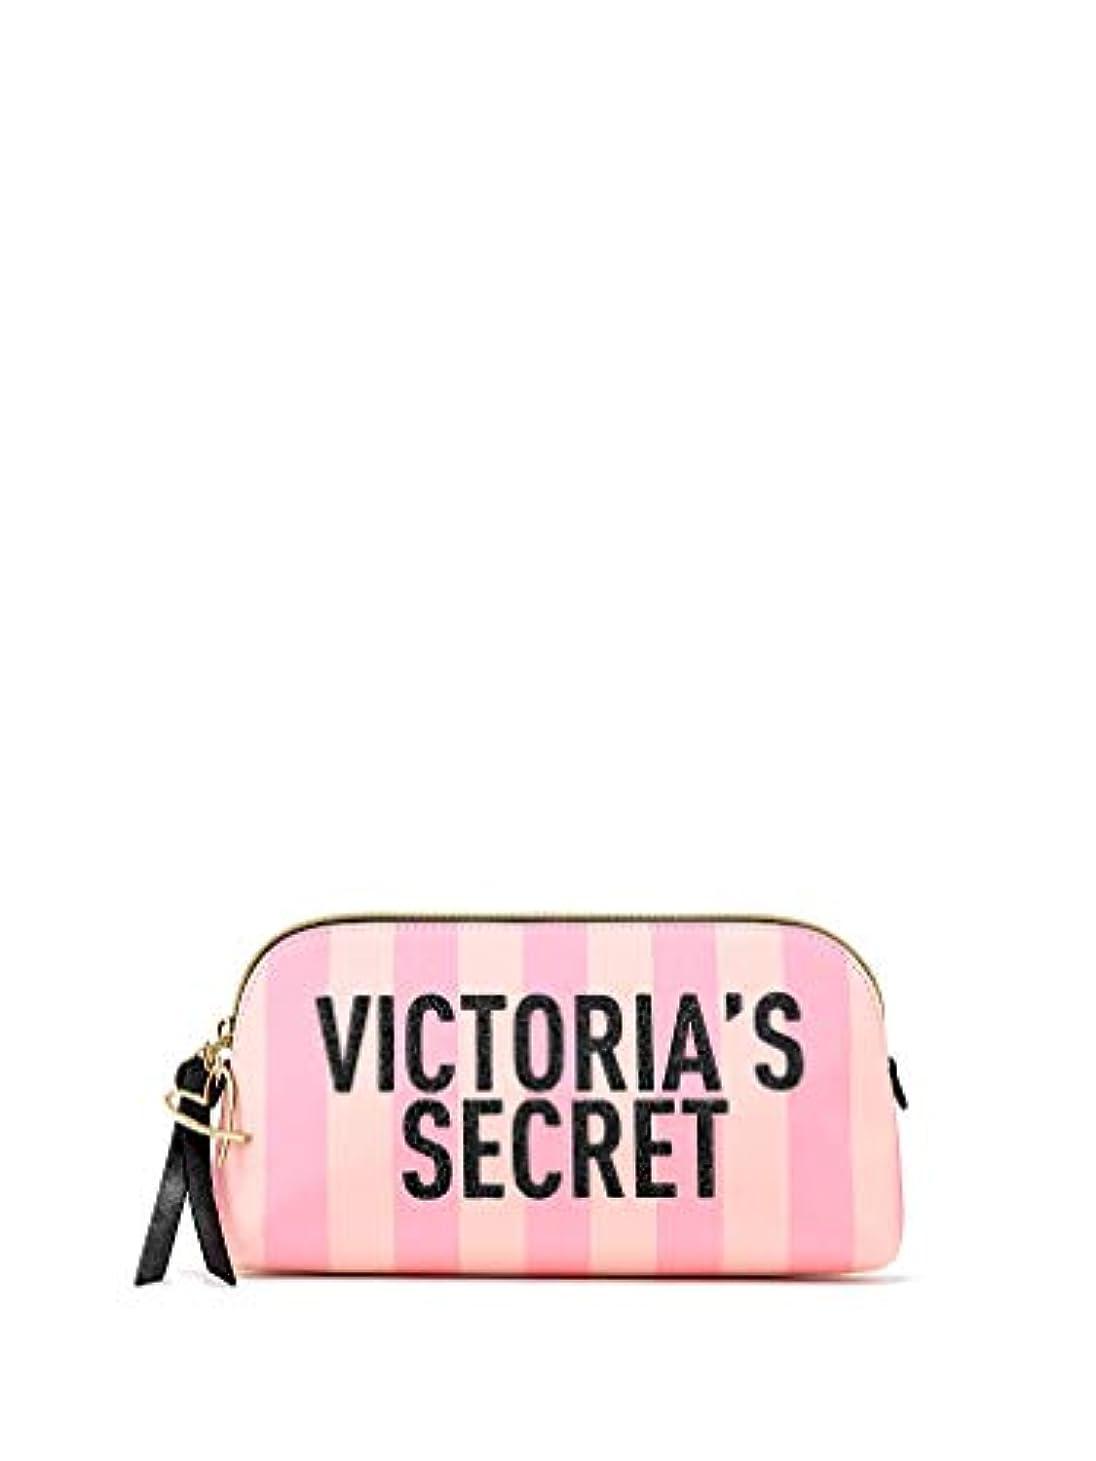 聖人欲望必要とするVictoria's Secret ヴィクトリアシークレット VS ロゴ ストライプ 化粧ポーチ ピンク [並行輸入品]